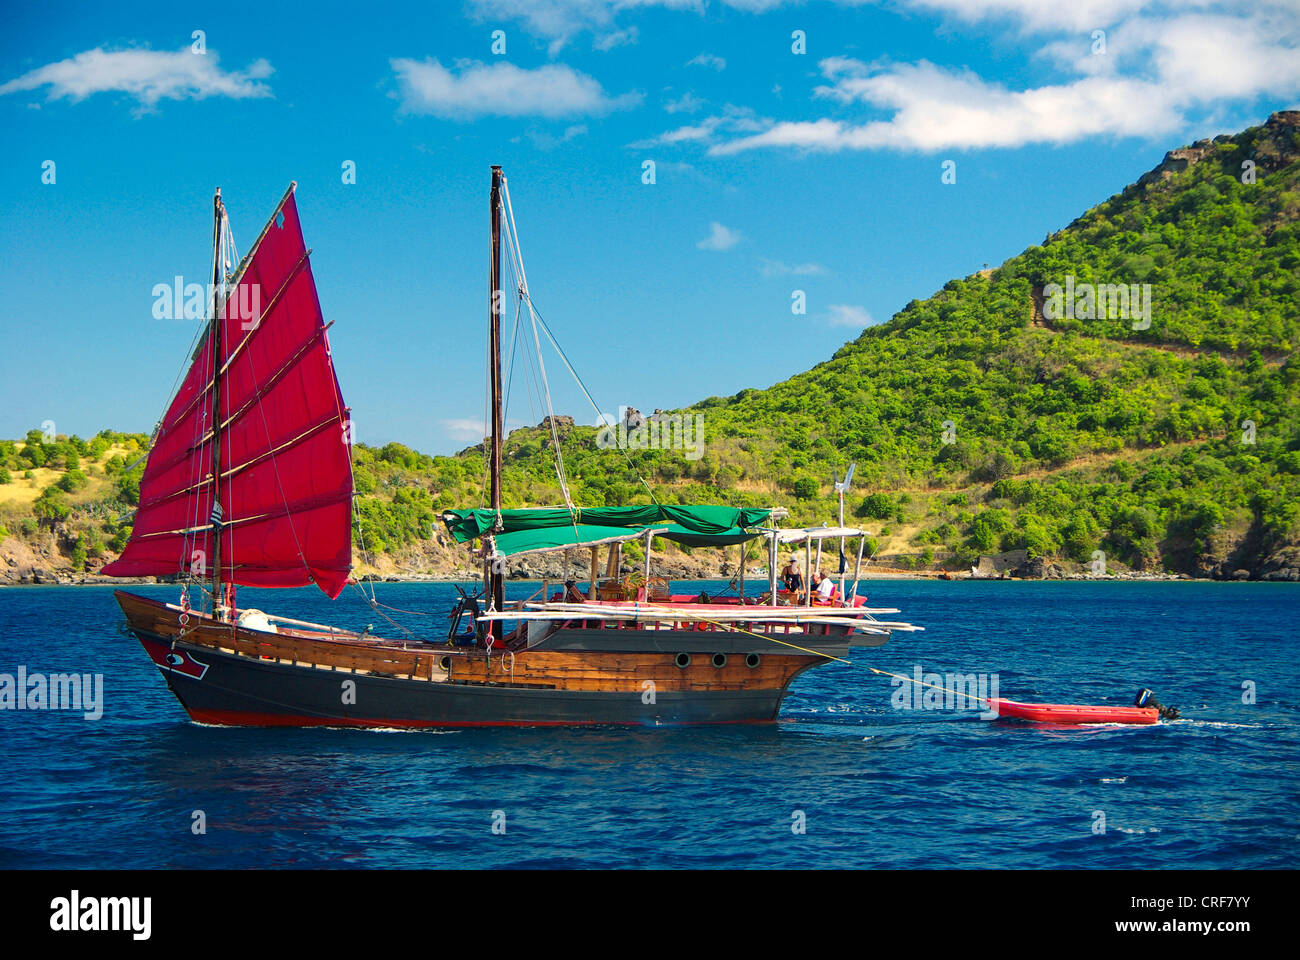 Trödel auf St. Barth, Franzoesische Antillen, Karibisches Meer, Saint-Barthelemy Stockbild